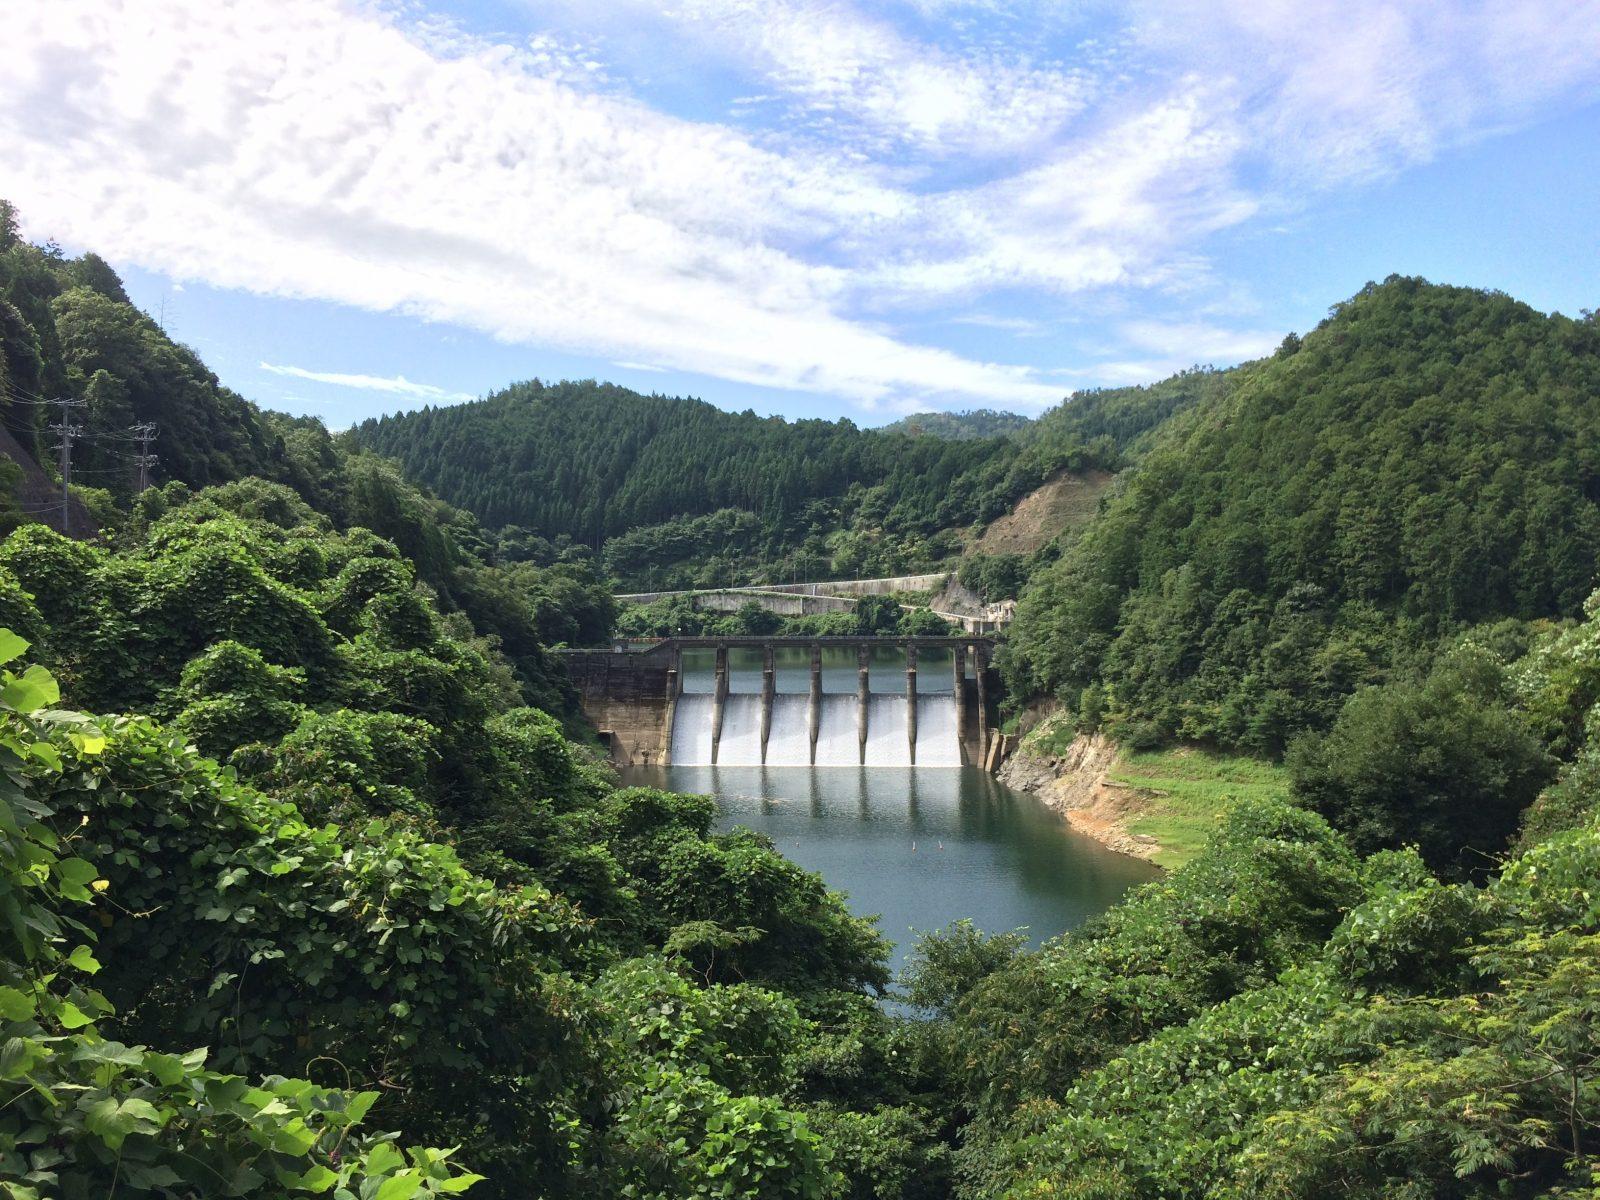 日吉ダムの最奥にある世木ダム。昭和初期に建造され、日吉ダム完成後8割が水没しているが今も健気に発電を続ける長寿ダム。